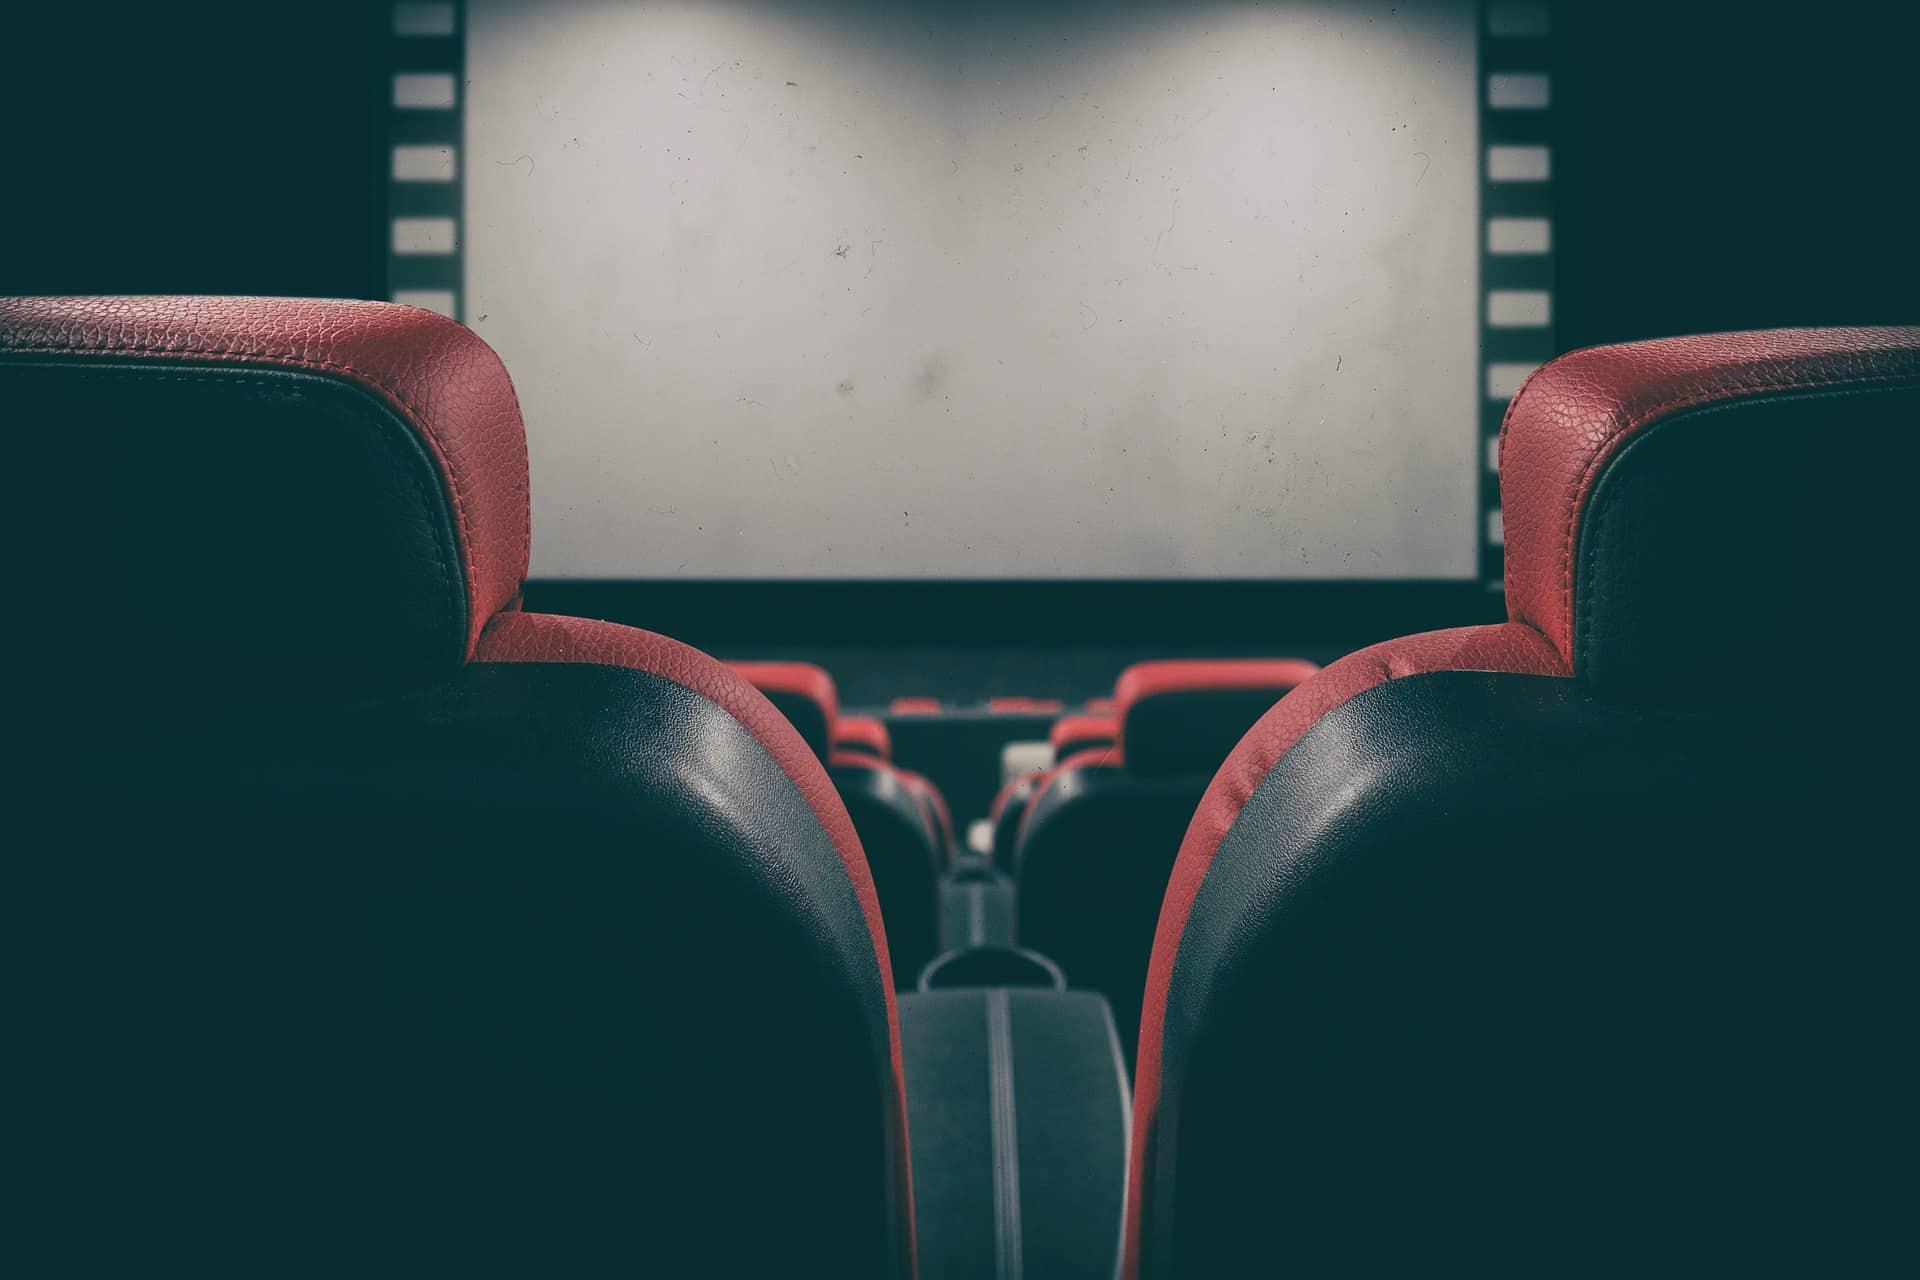 кинотеатр зал фото